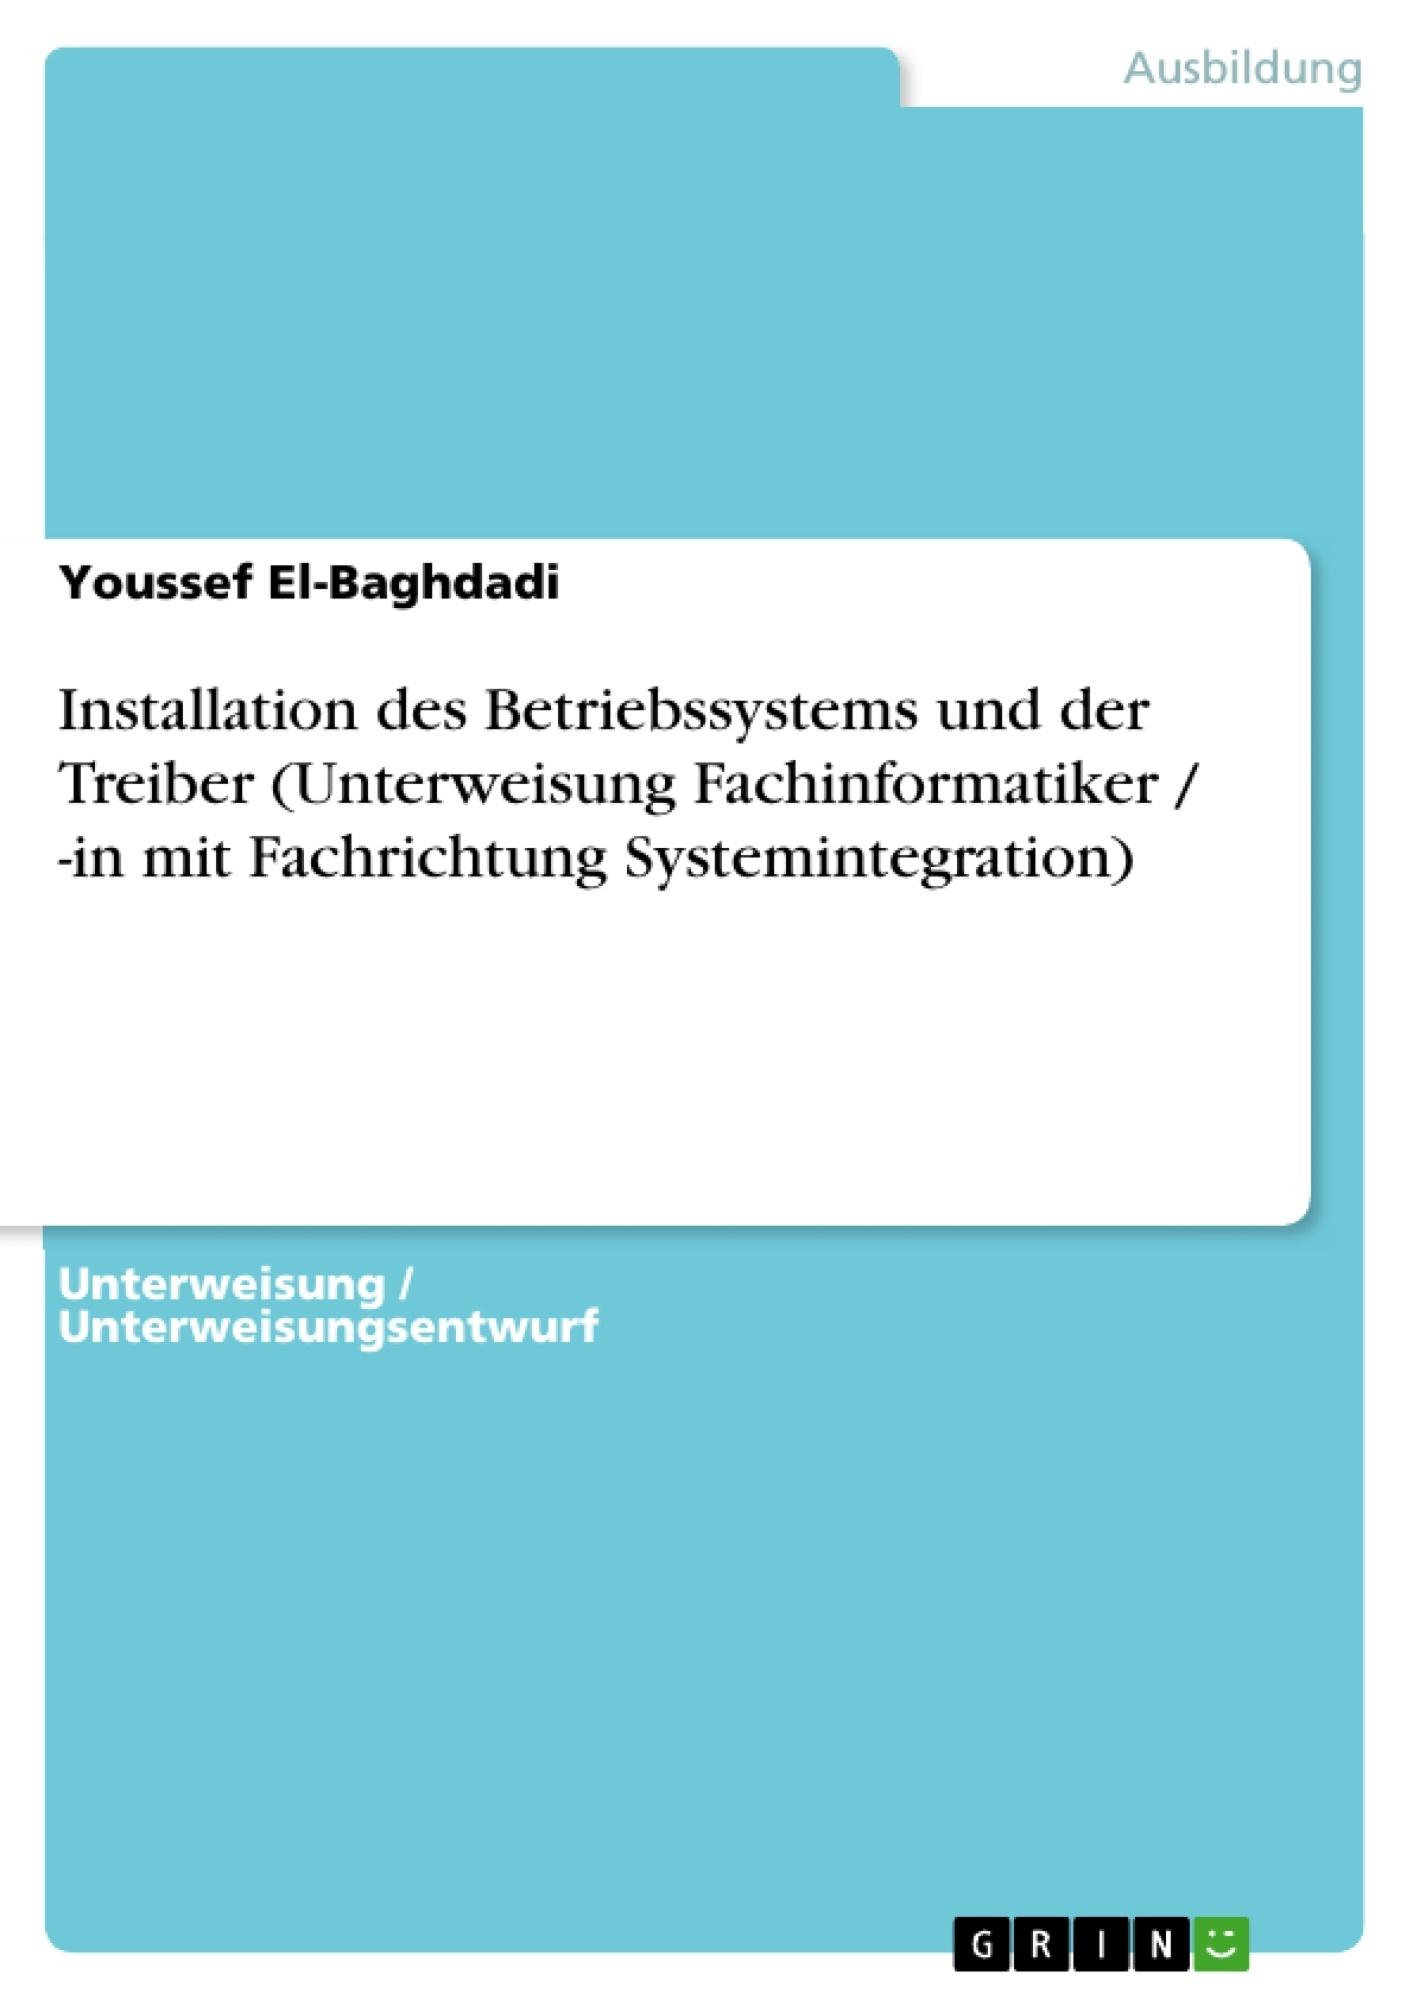 Titel: Installation des Betriebssystems und der Treiber (Unterweisung Fachinformatiker / -in mit Fachrichtung Systemintegration)